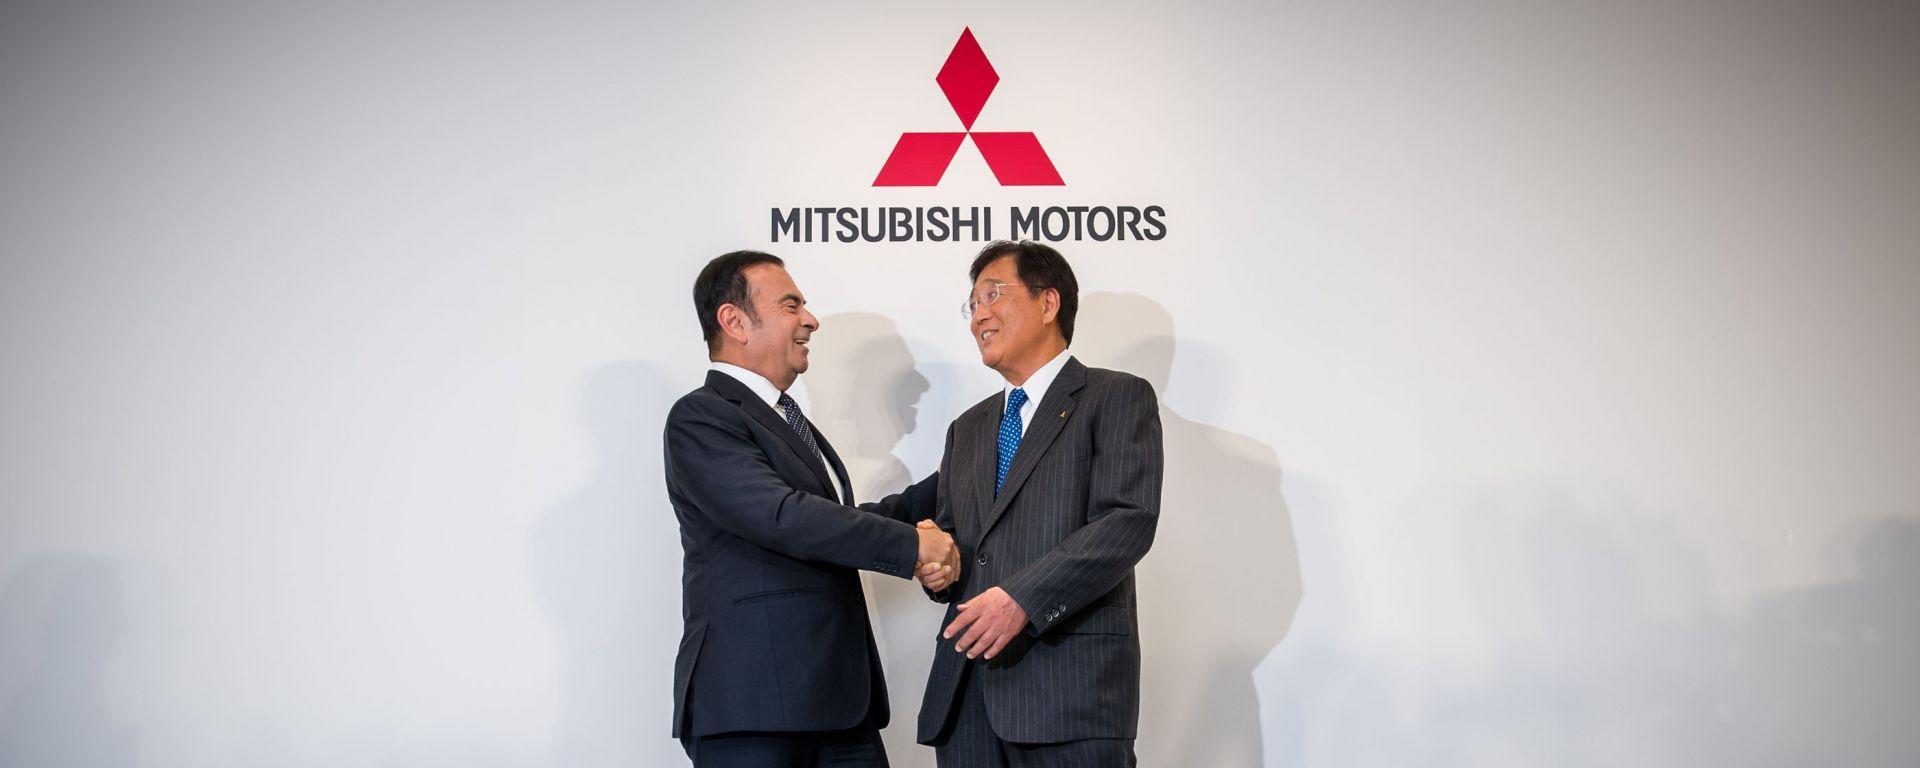 Nissan compra Mitsubishi: un nuovo colosso all'orizzonte